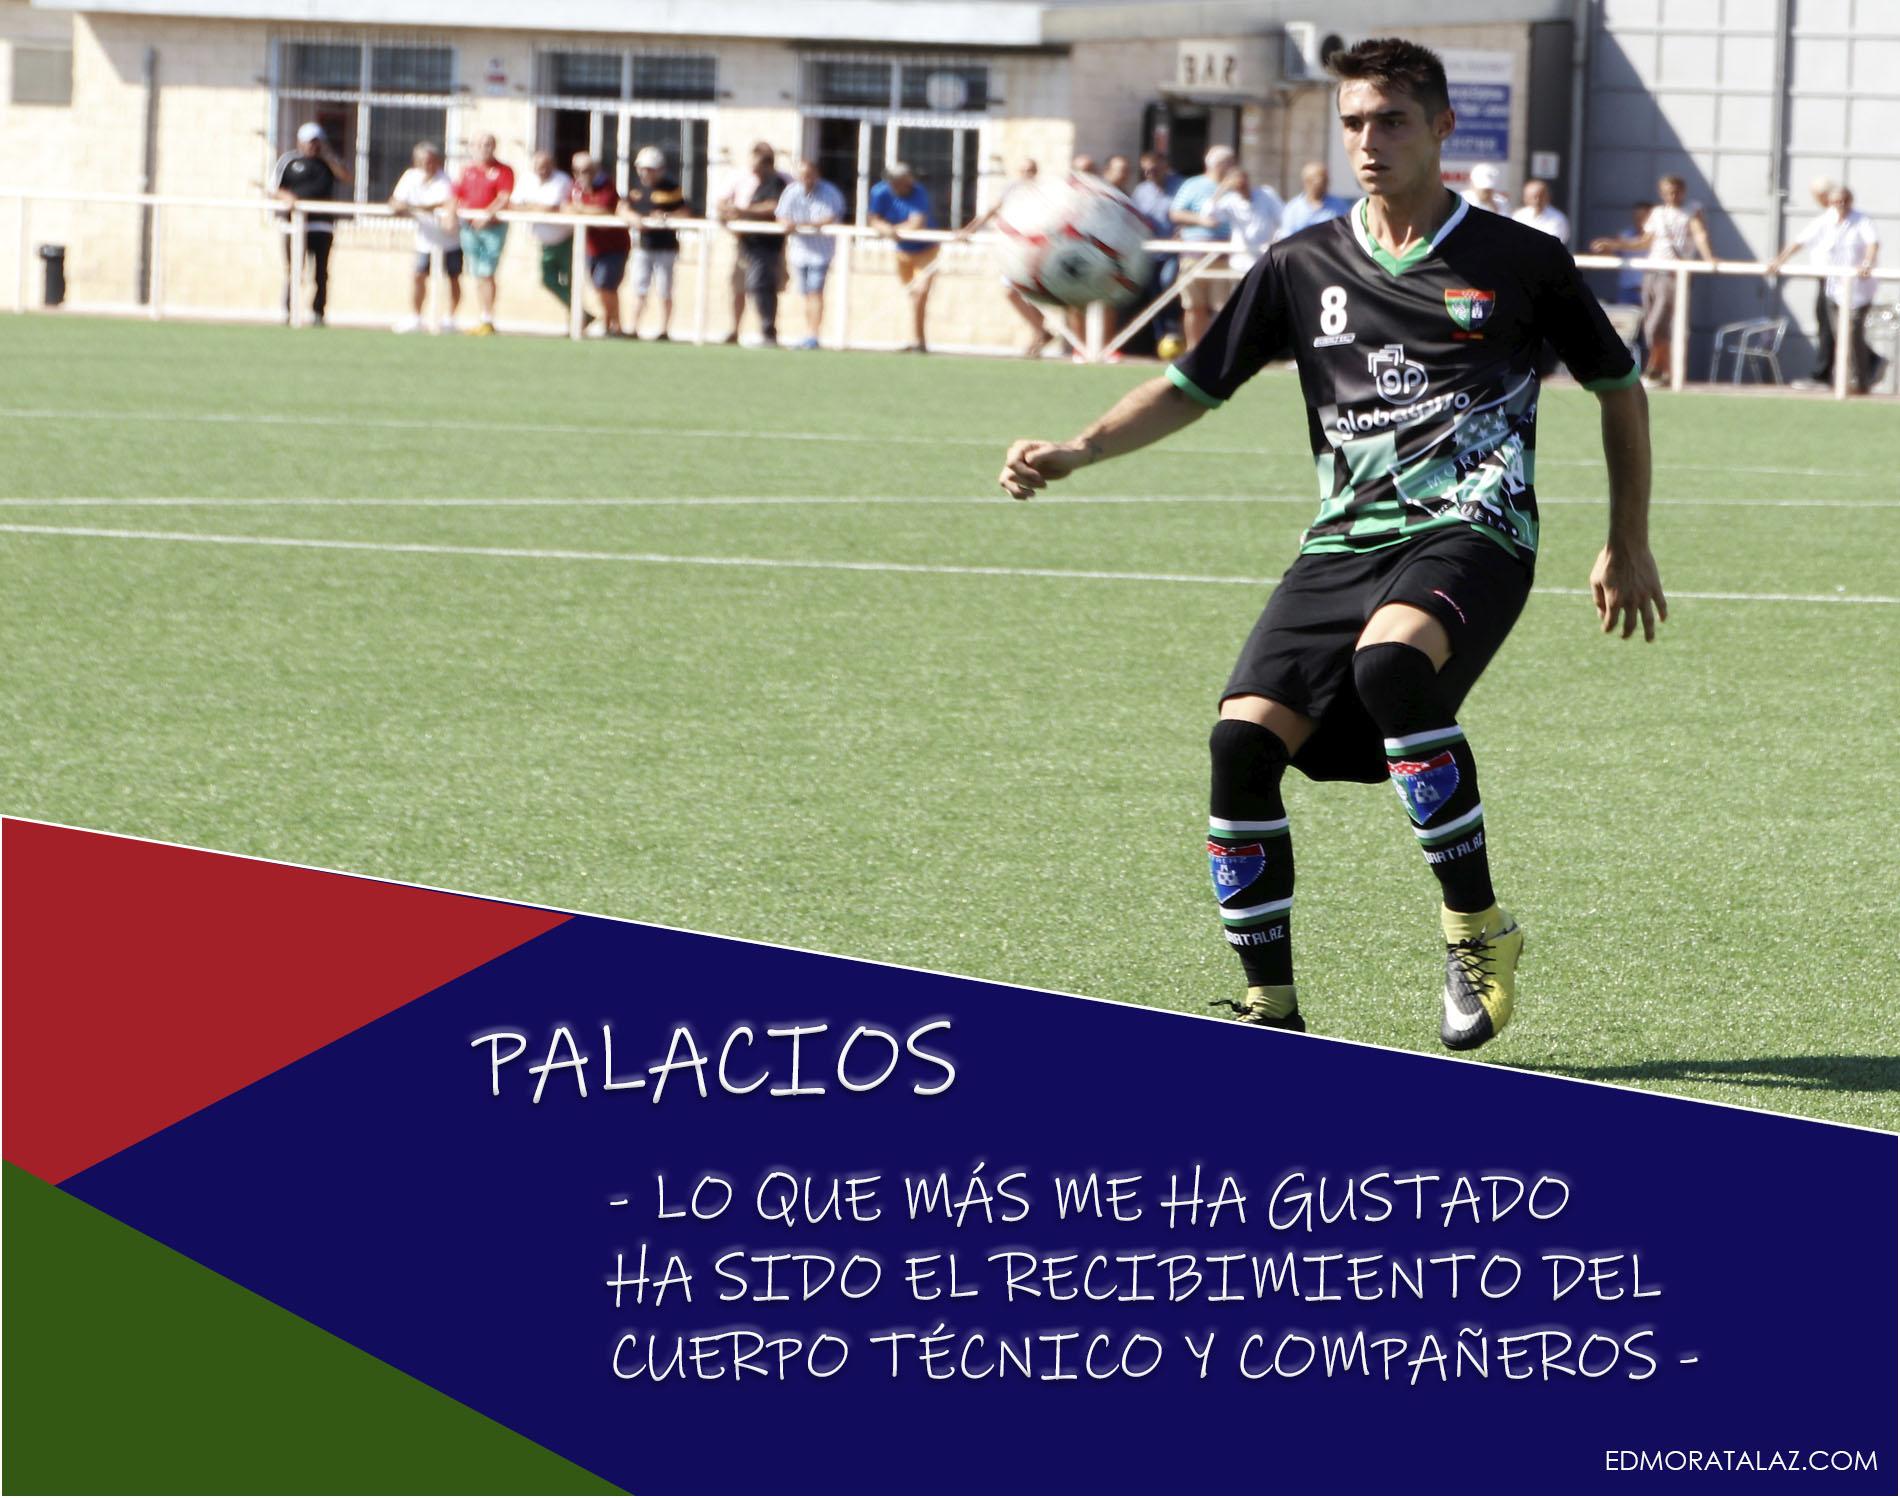 Palacios: «Lo que más me ha gustado ha sido el recibimiento del cuerpo técnico y compañeros»